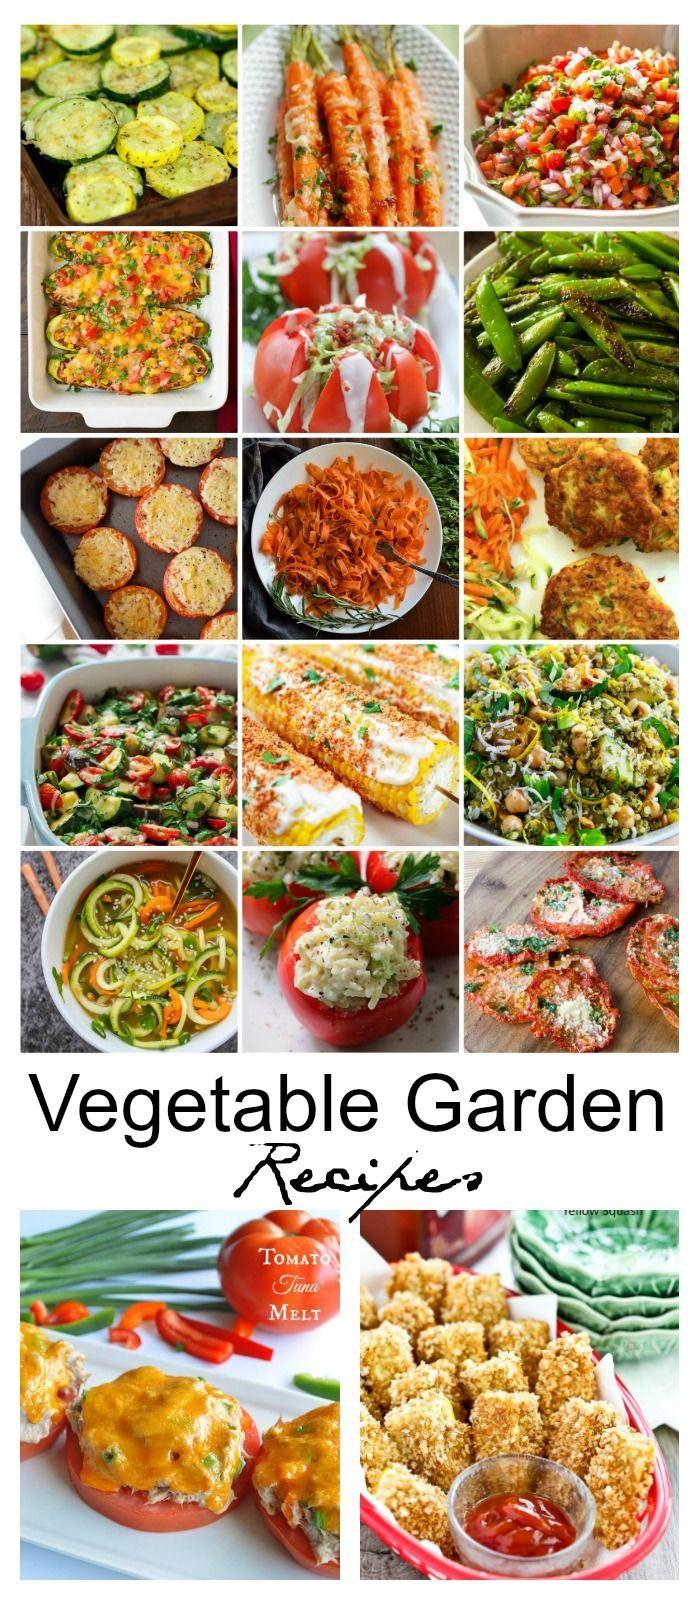 Recipe Ideas| Vegetable-Garden-Recipes-Dinner Ideas-Side Dish Recipes